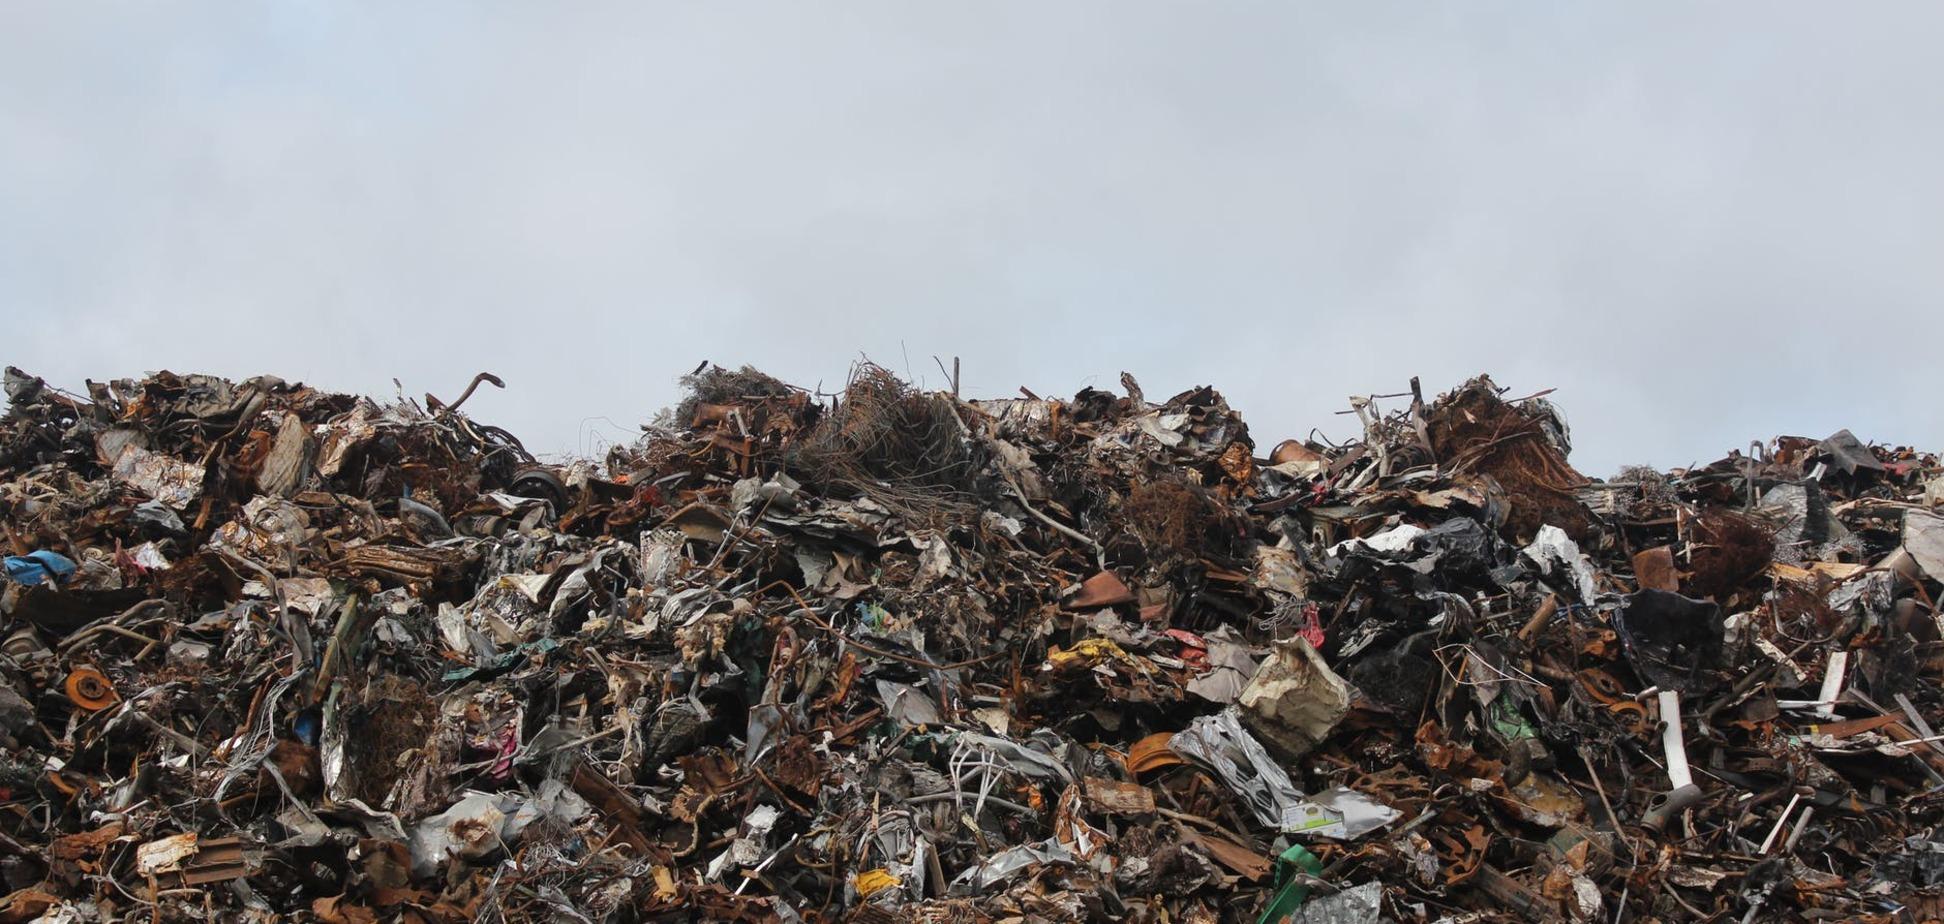 Місто на межі катастрофи: на Львівщині жителів завалило сміттям